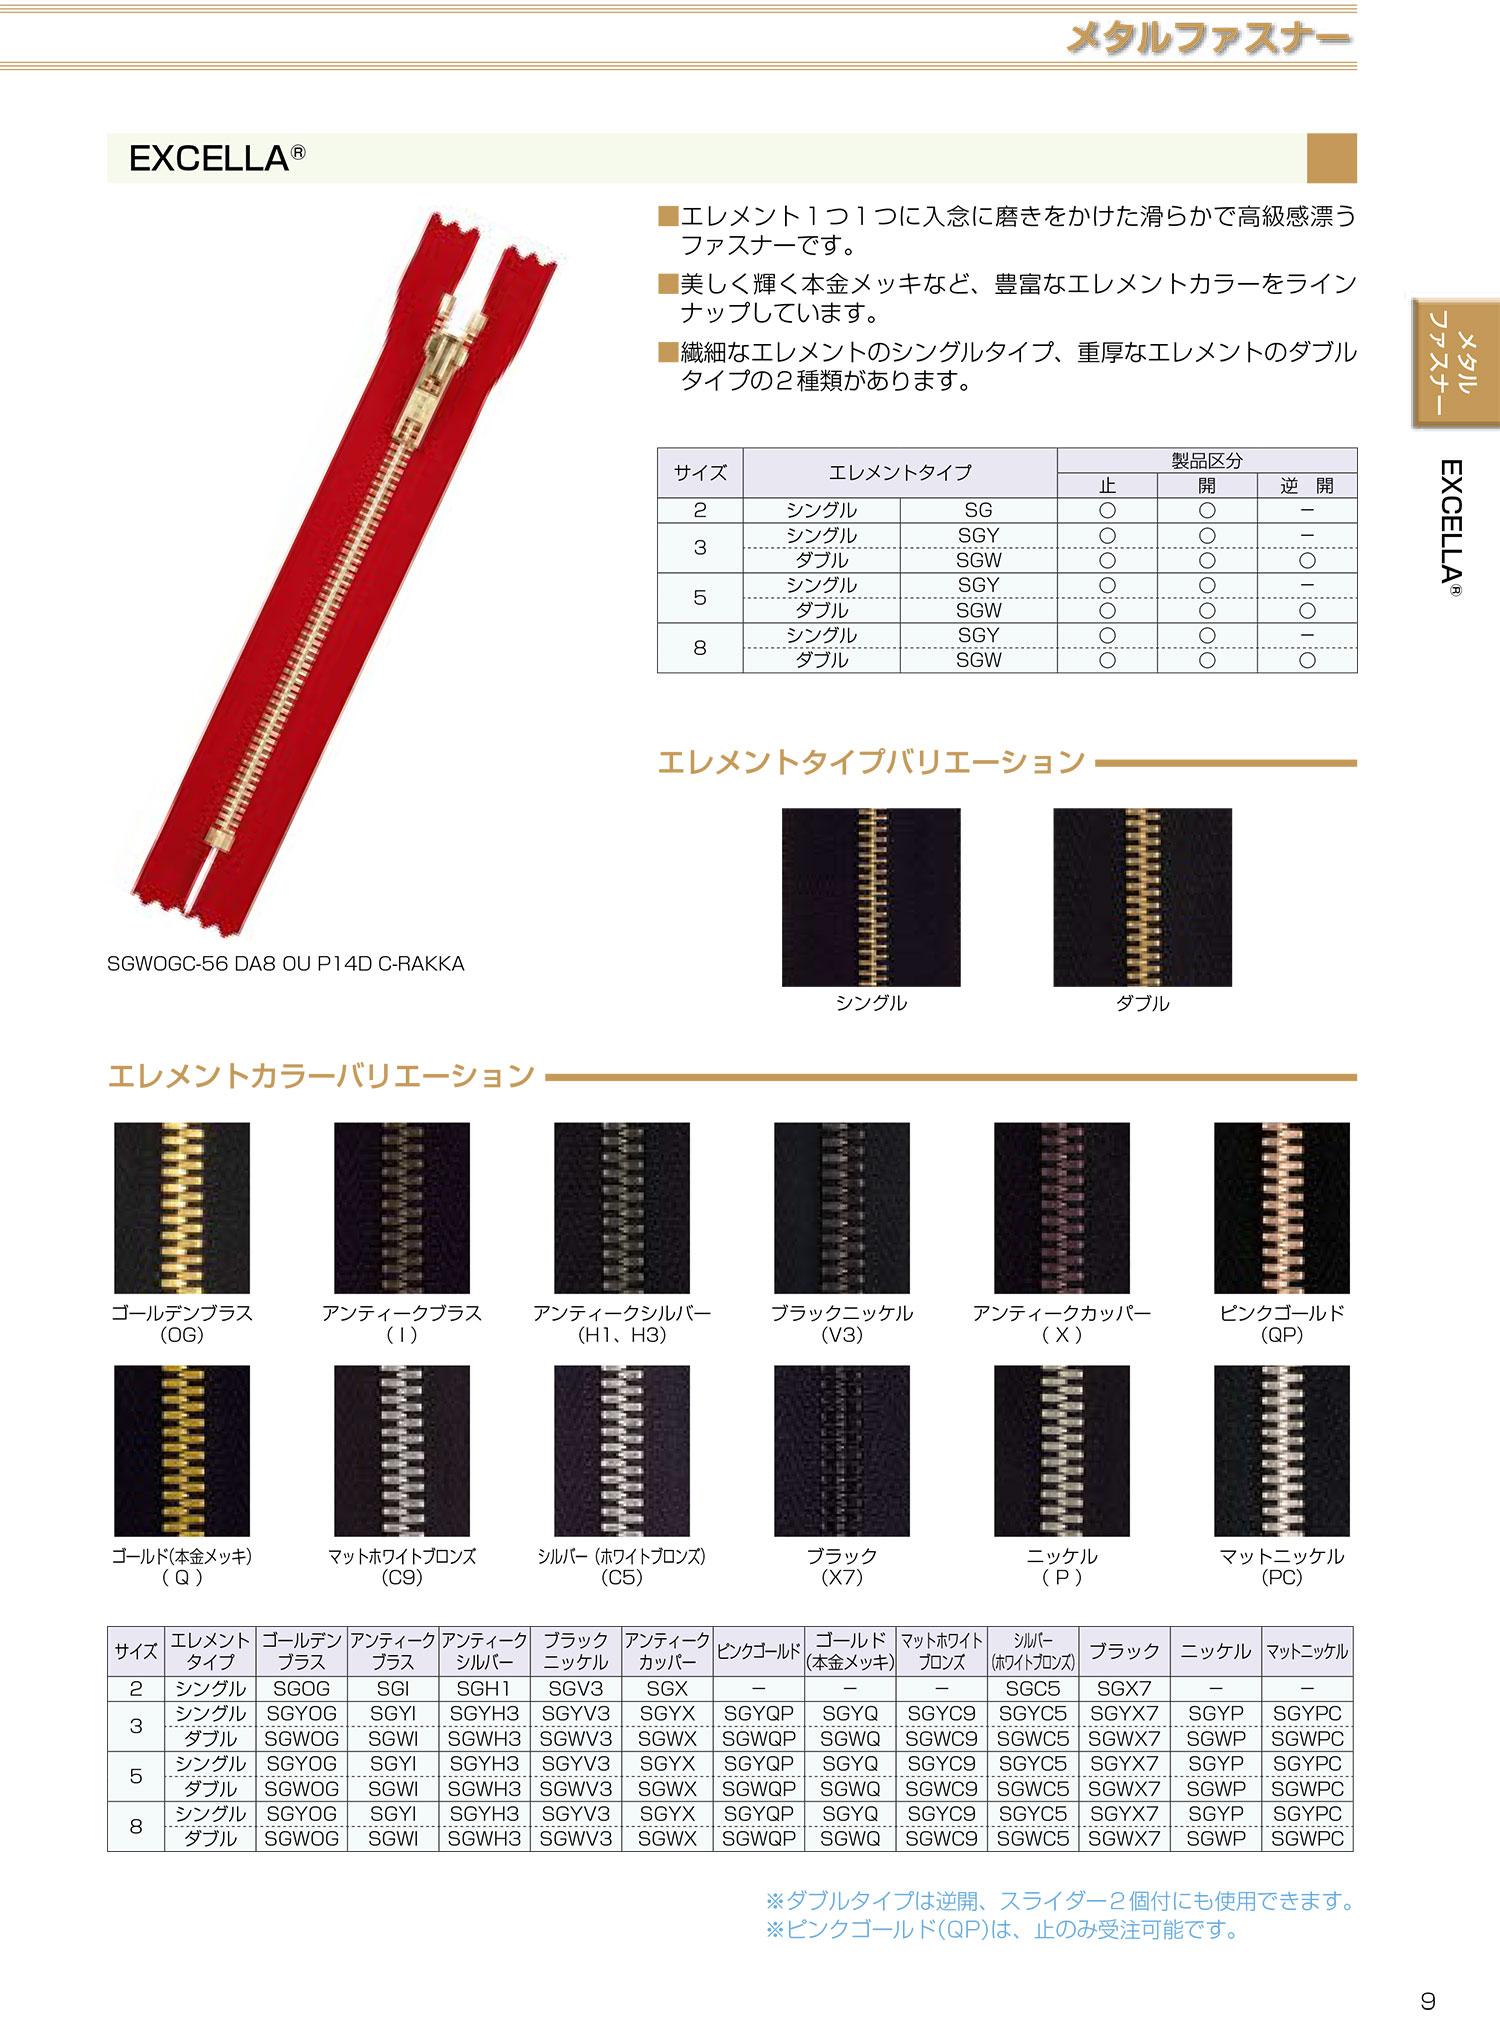 5SGYIC エクセラ 5サイズ アンティークブラス 止め シングル[ファスナー] YKK/オークラ商事 - ApparelX アパレル資材卸通販